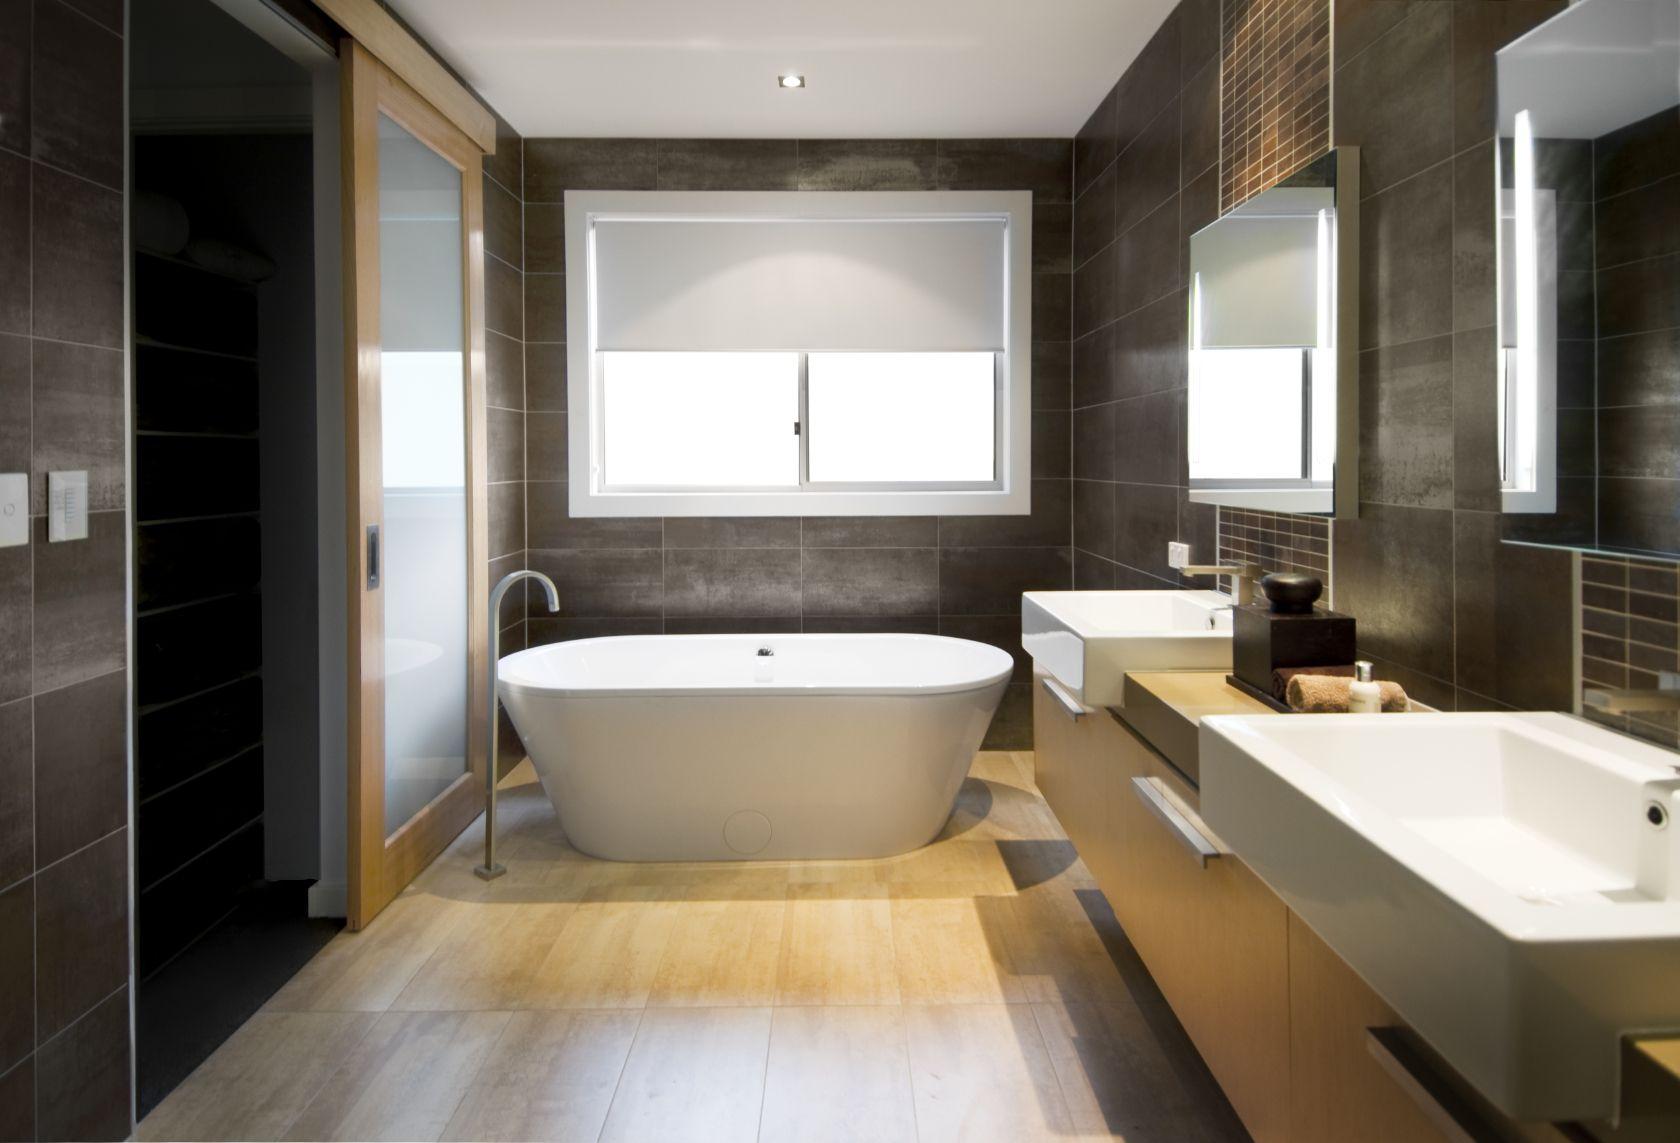 120 Sleek Modern Master Bathroom Ideas for 2018 | Pedestal tub ...